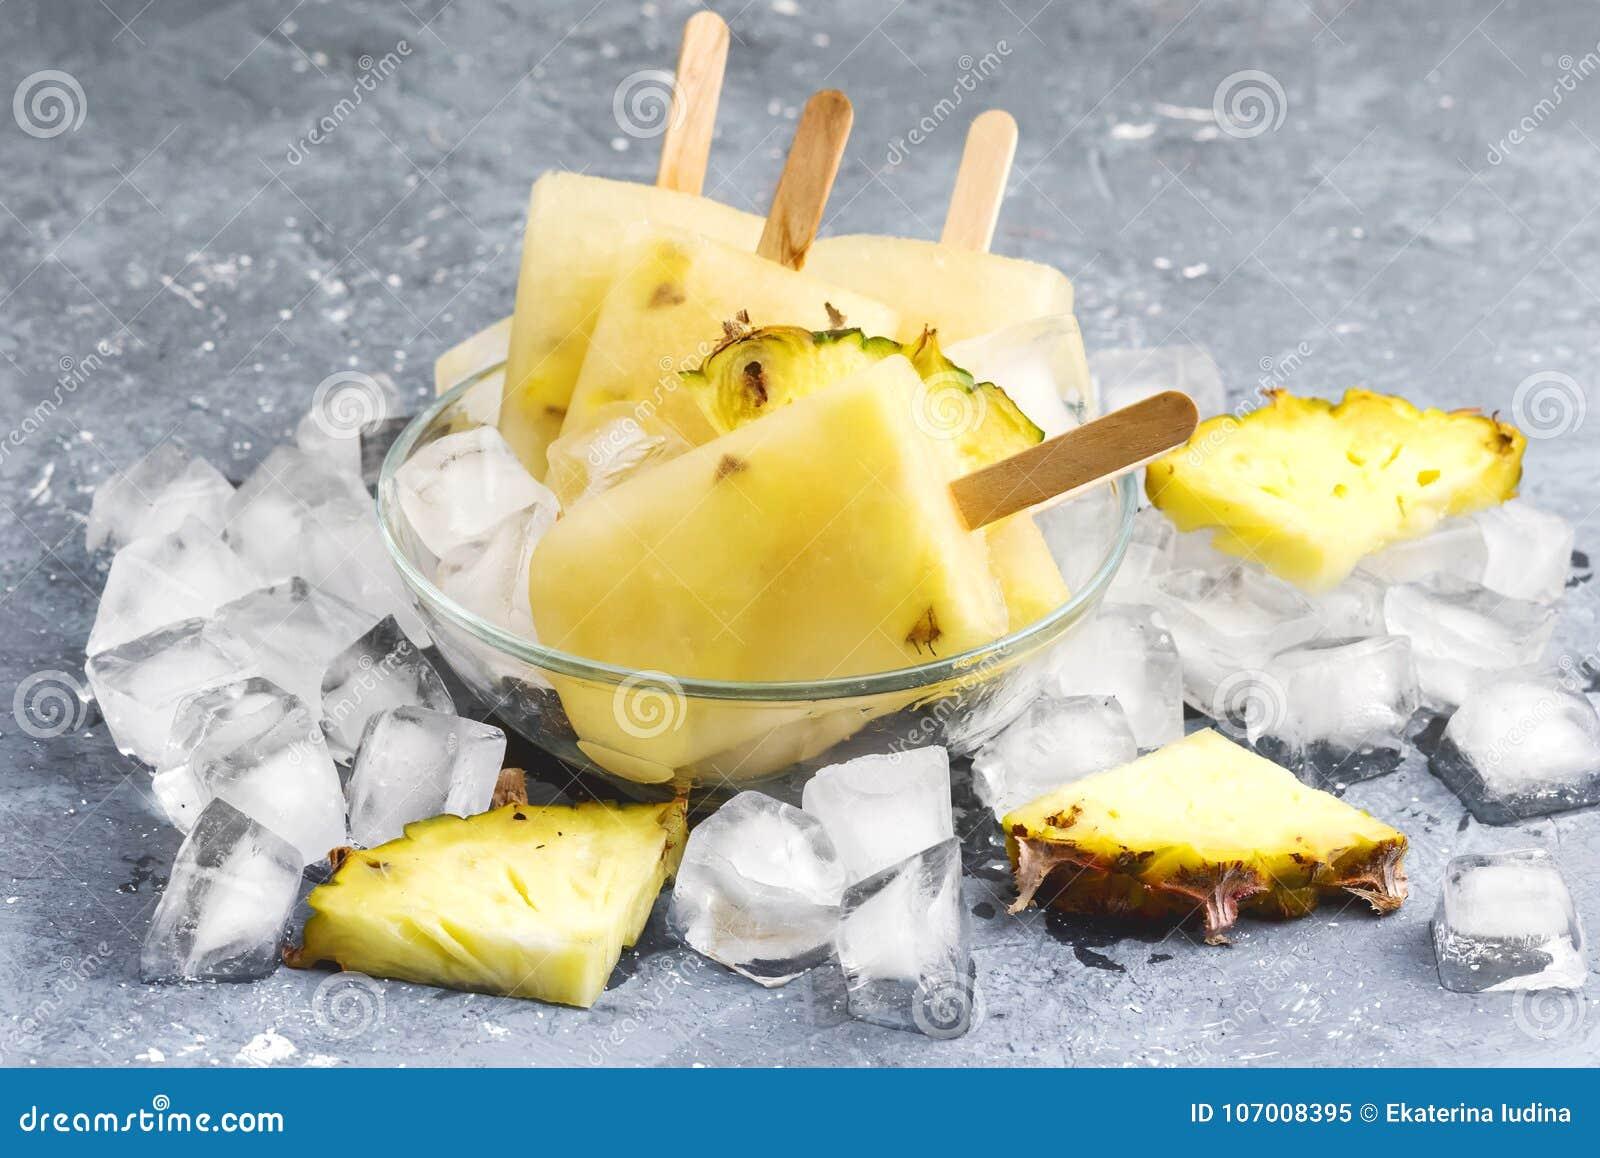 Polos hechos en casa deliciosos de la piña en los cubos de hielo Gray Background Summer Food Concept sobre horizontal